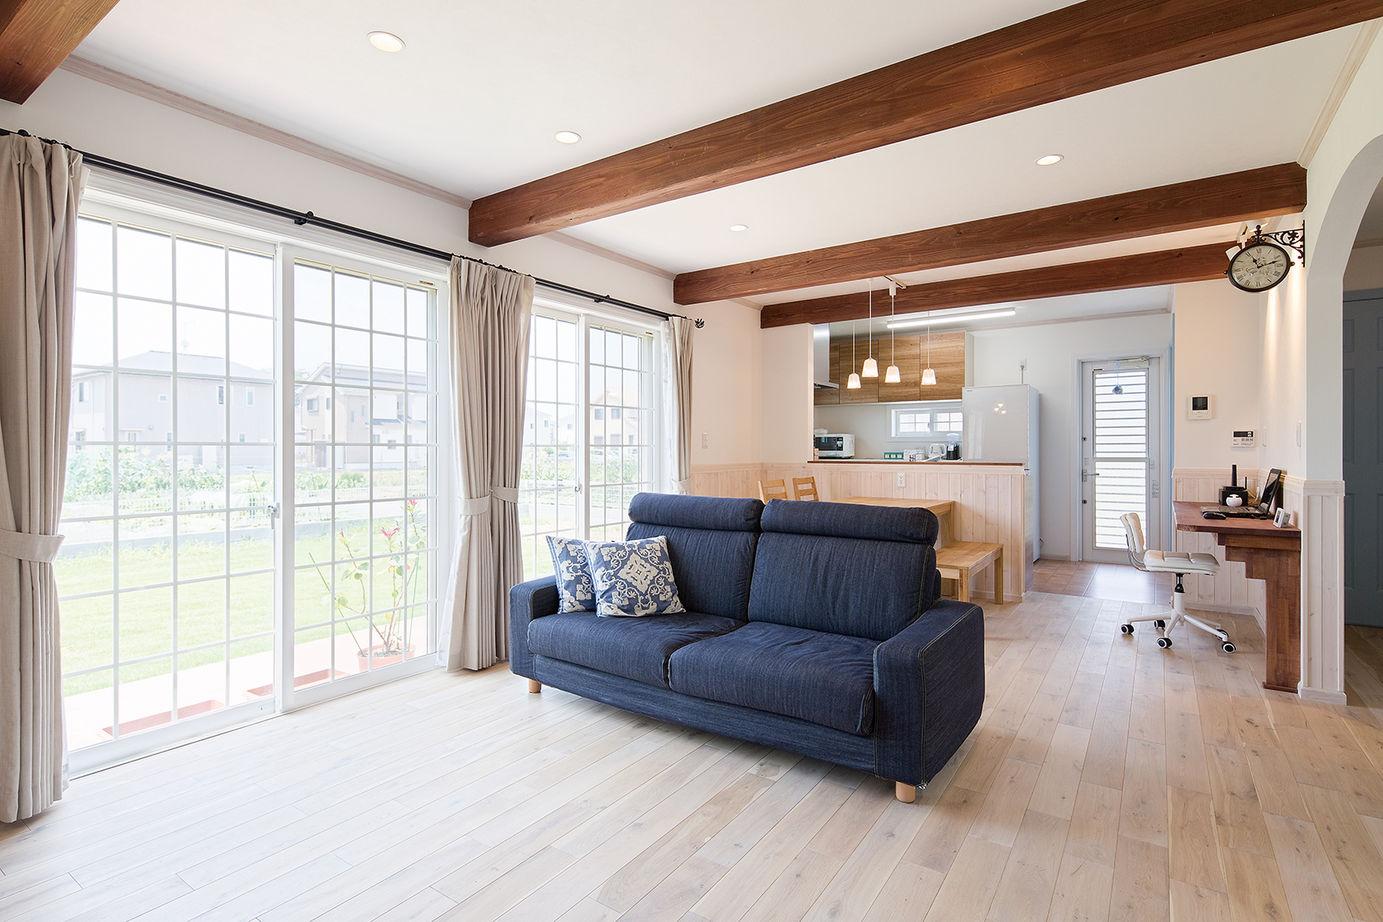 【1500万円台】本格派の南欧風の家を建てたい!こだわりを詰め込んで「かわいい」を叶えた輸入住宅画像3